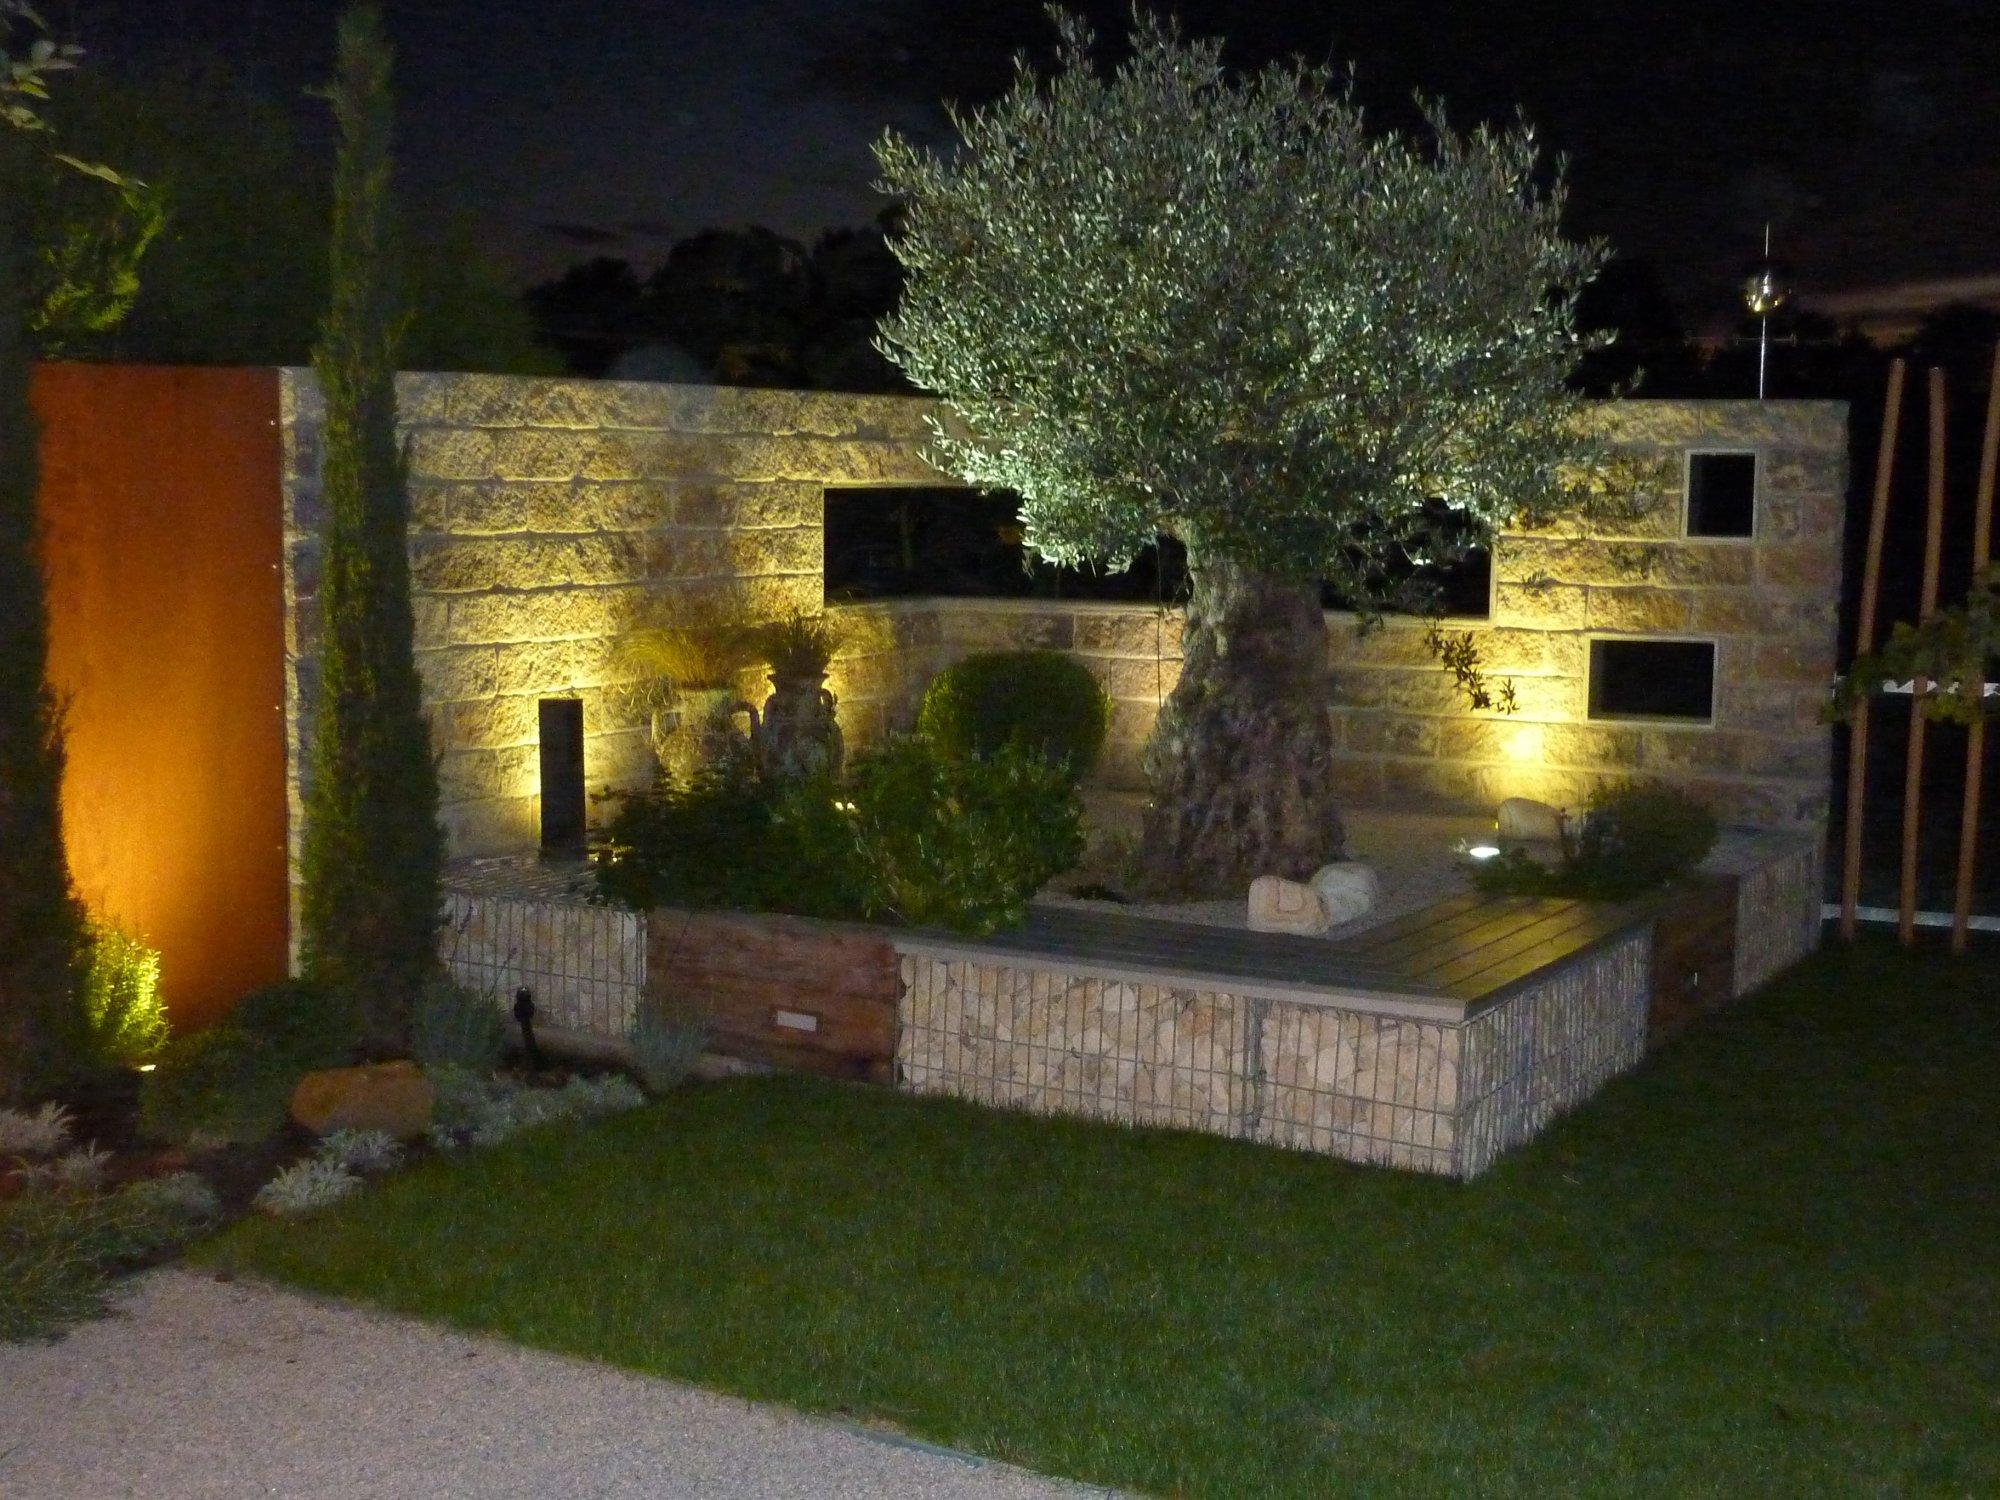 olivenbaum besser einpflanzen oder nicht seite 2 grillforum und bbq. Black Bedroom Furniture Sets. Home Design Ideas